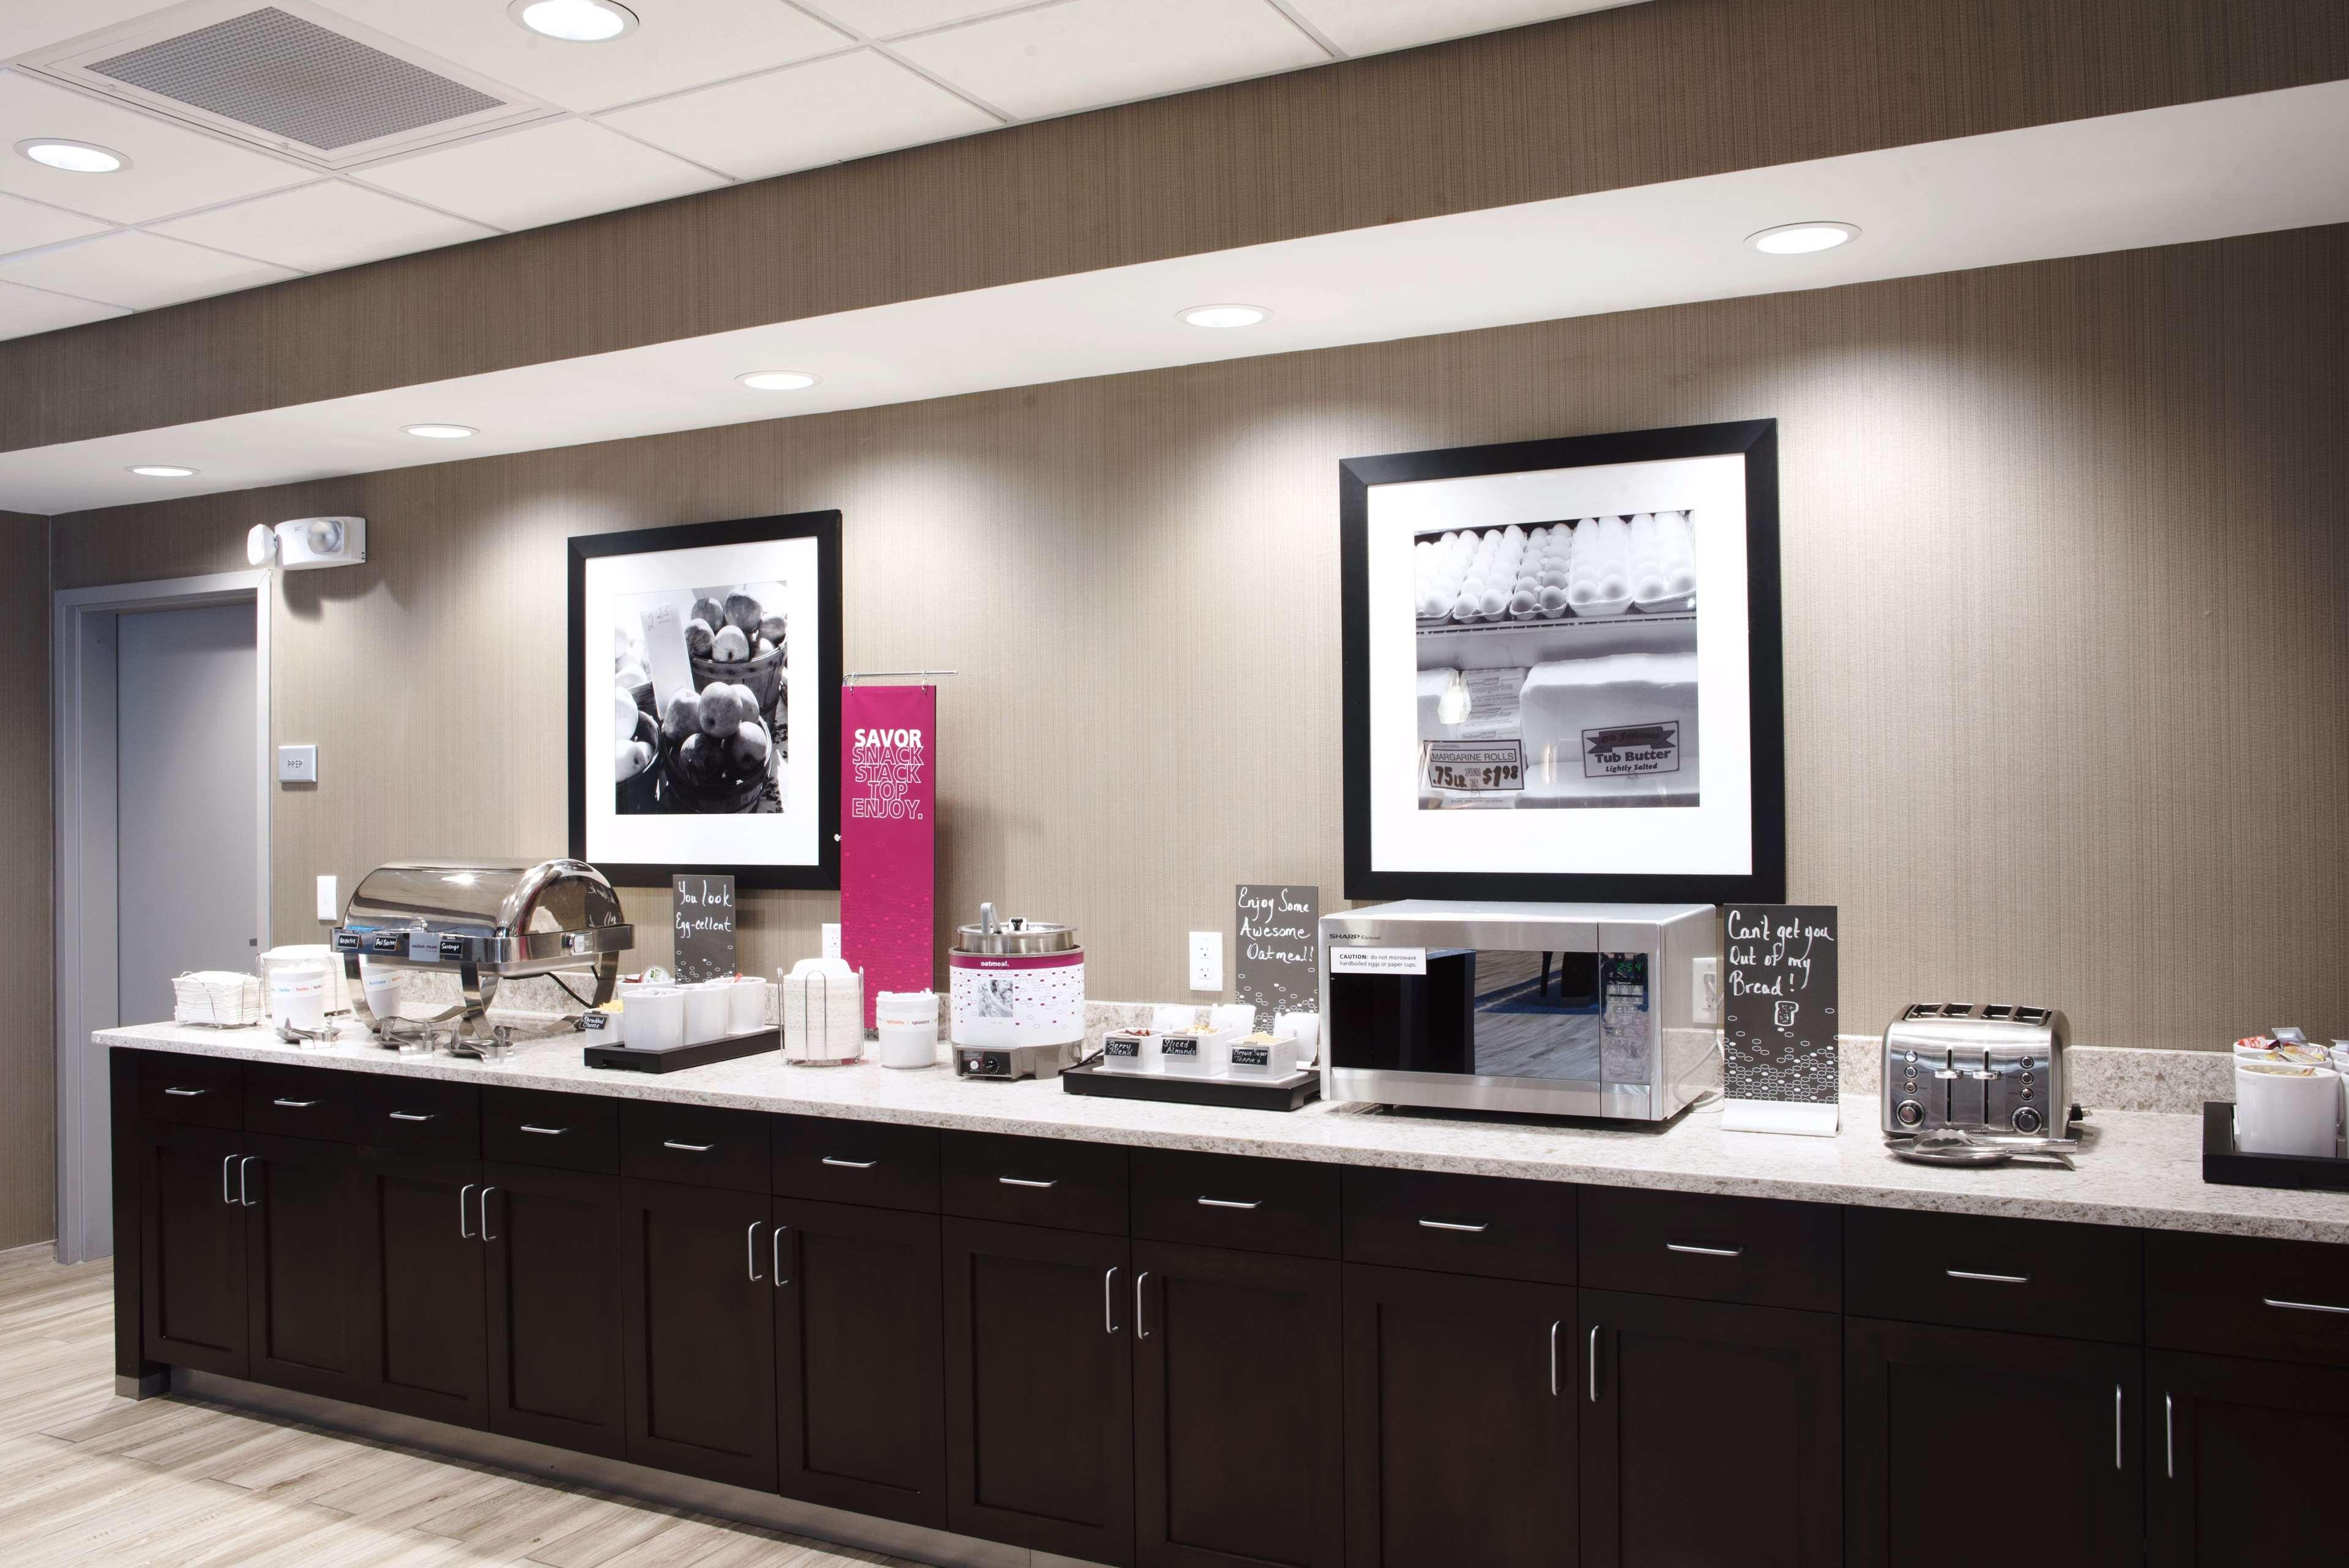 Hampton Inn & Suites Des Moines/Urbandale image 12